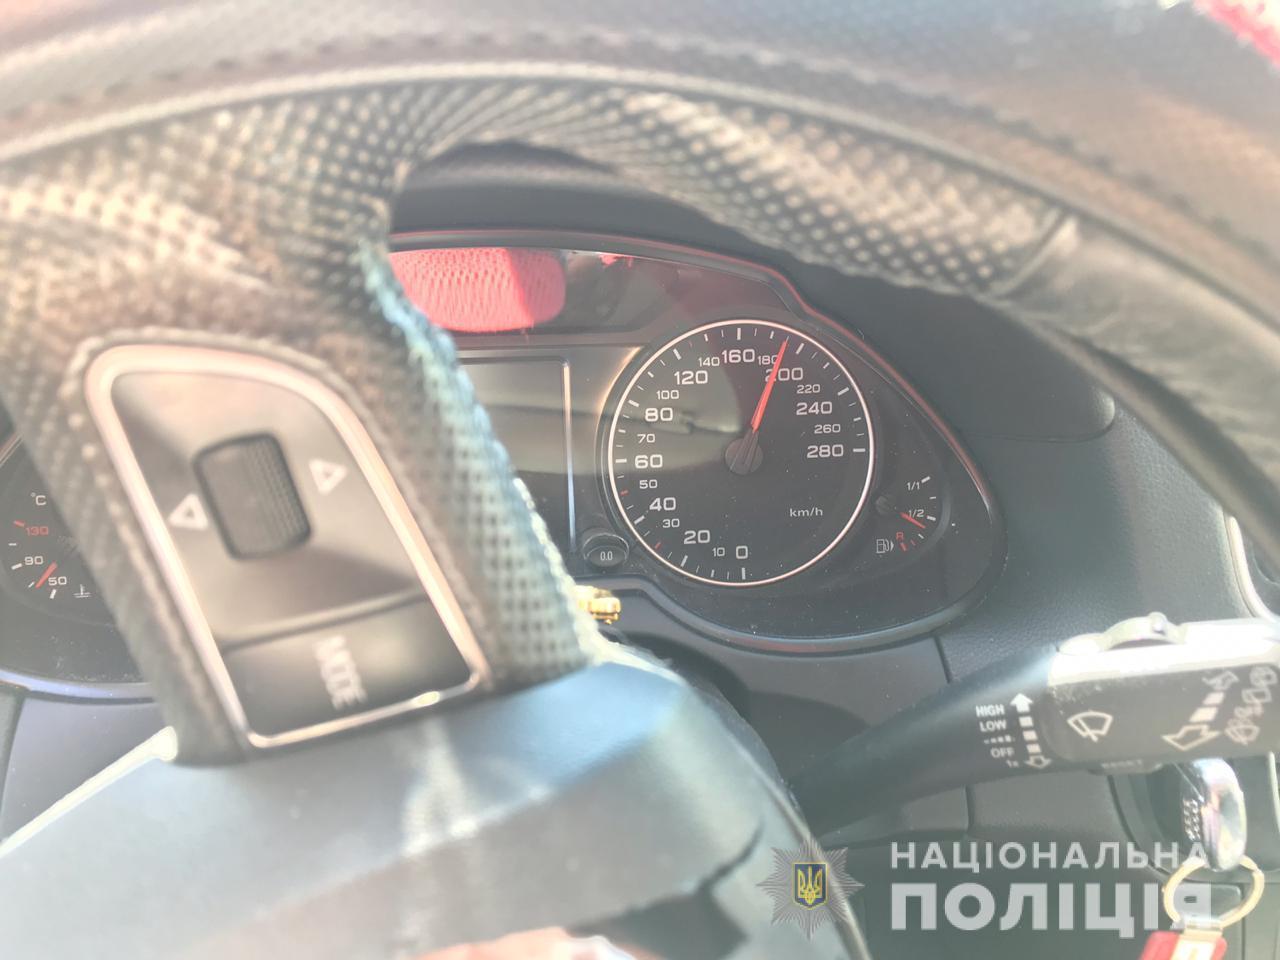 Судитимуть водійку, яка скоїла смертельну ДТП на Броварщині -  - WhatsApp Image 2019 08 19 at 15.02.56